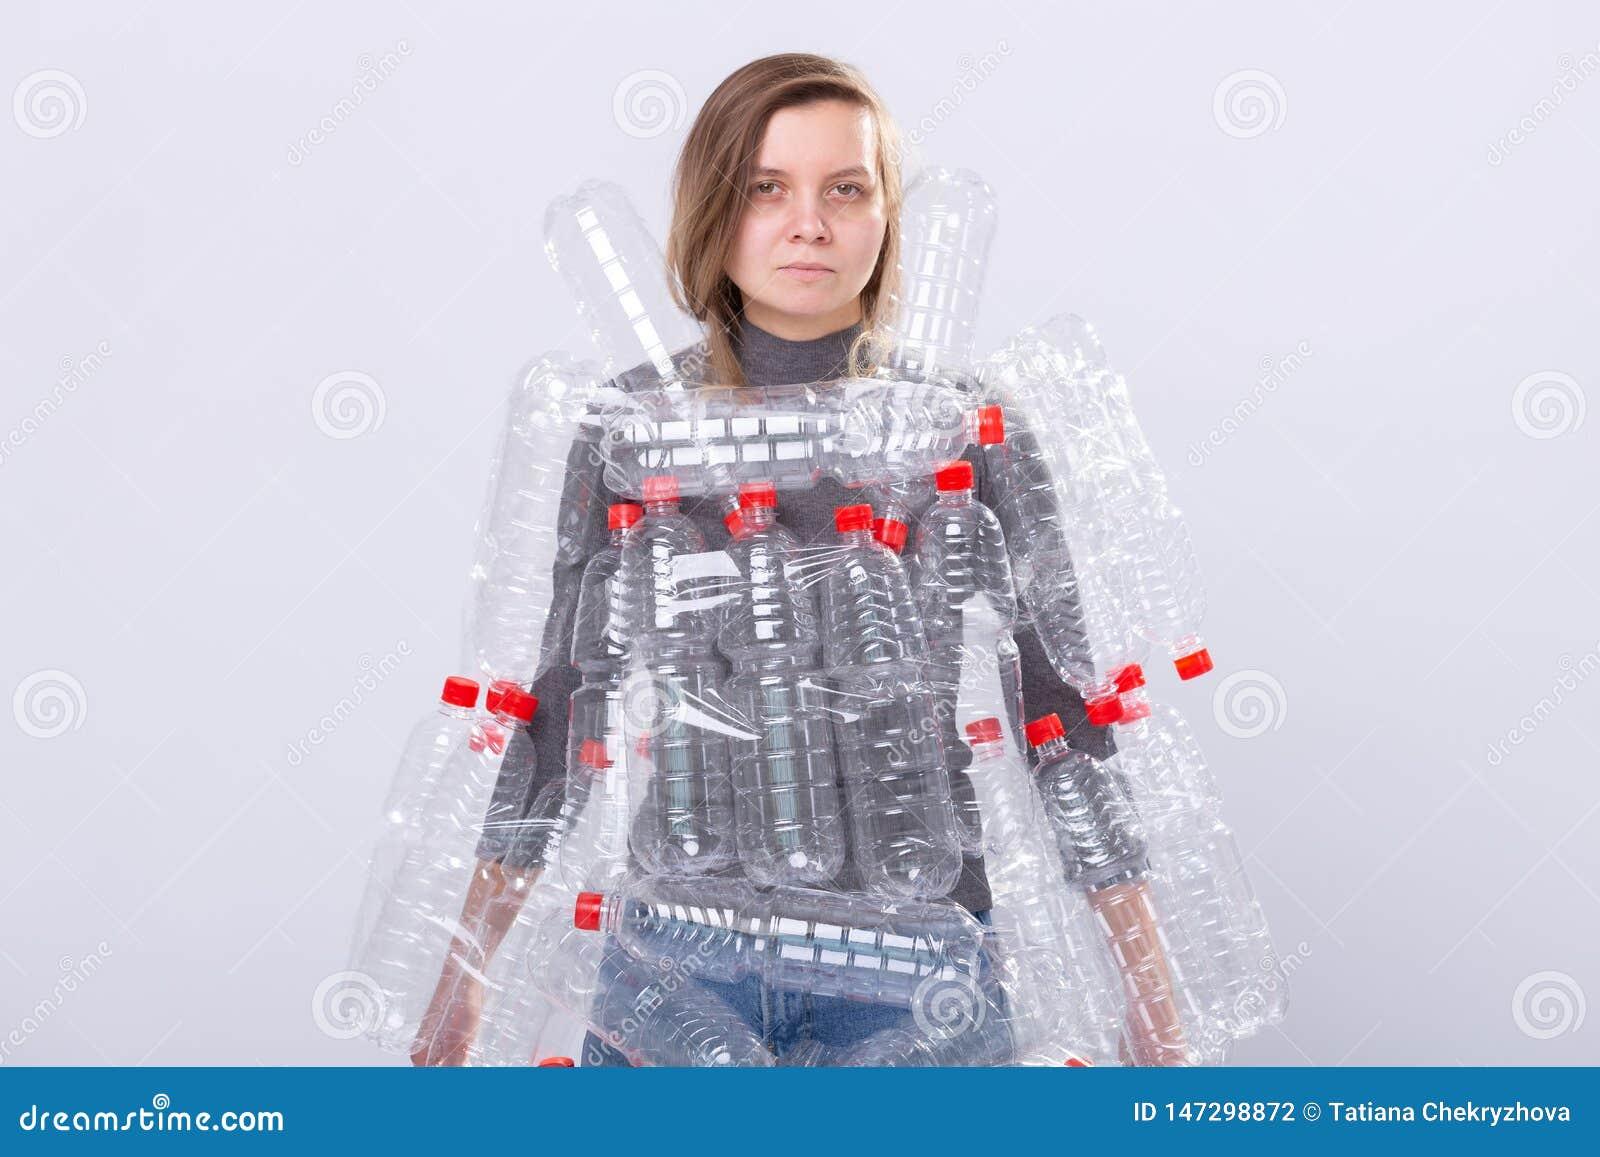 环保、人们和可再循环的塑料概念-被用尽的妇女担忧环境灾害